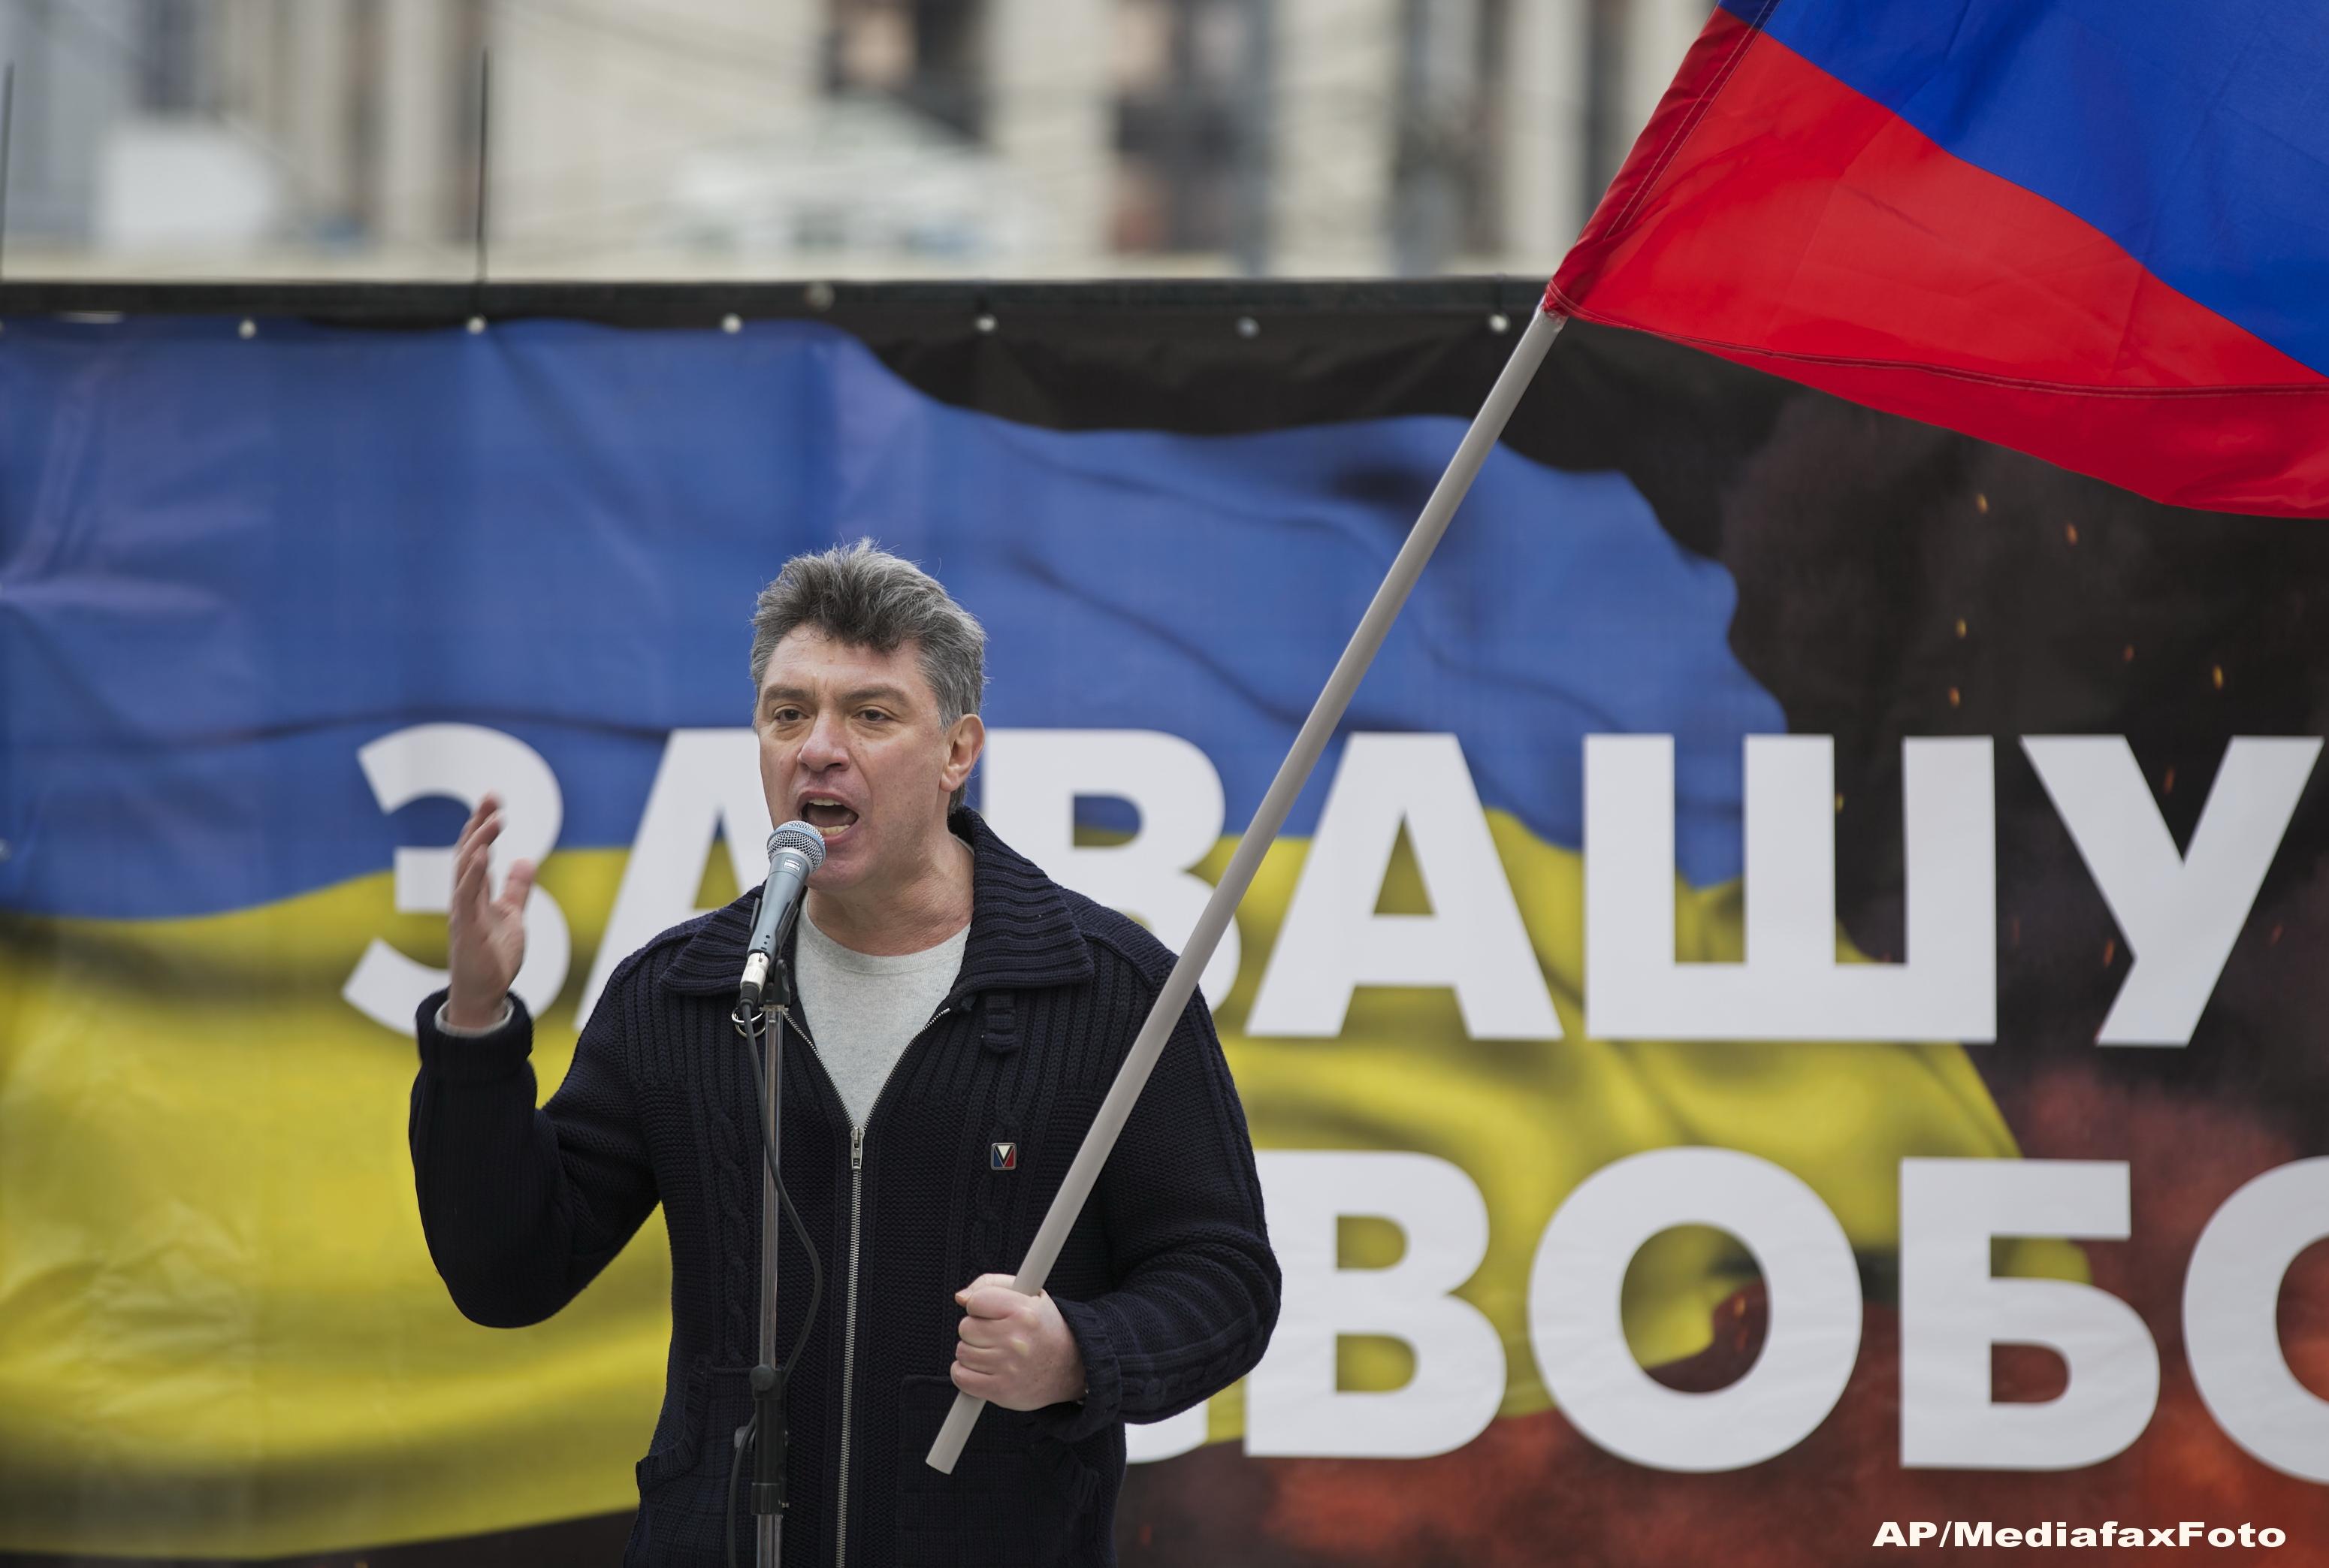 Cine a fost Boris Nemtov, adversarul lui Putin. Ce a declarat intr-un interviu la radio, chiar inainte sa fie ucis